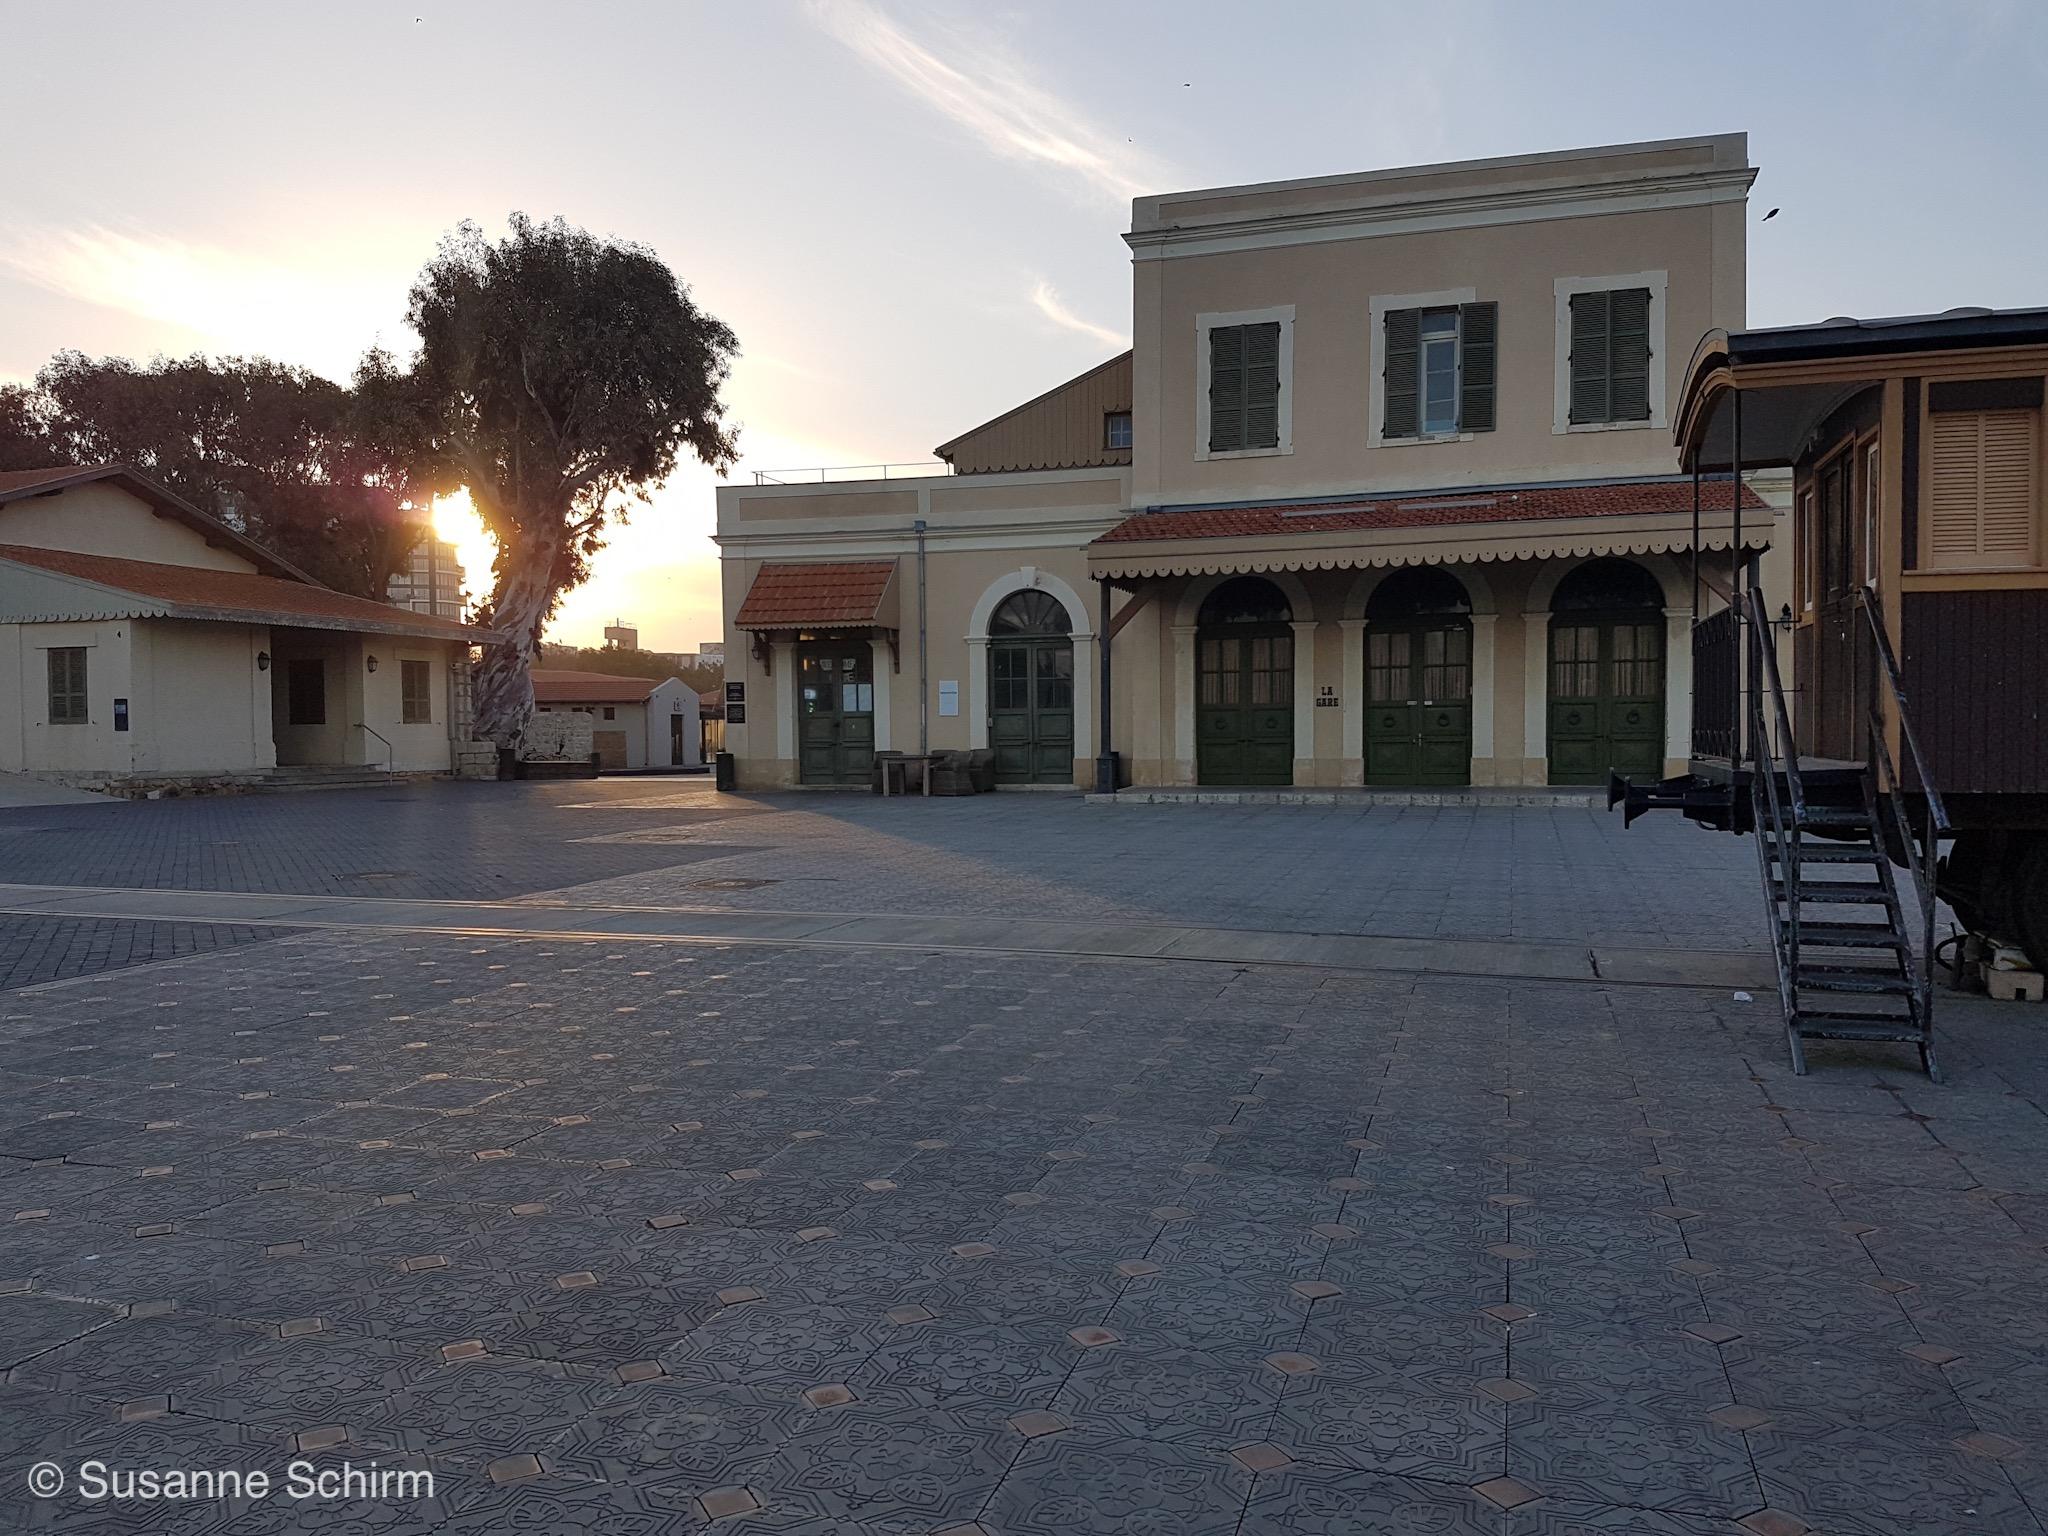 Bild vom historischen Bahnhofsgebäude